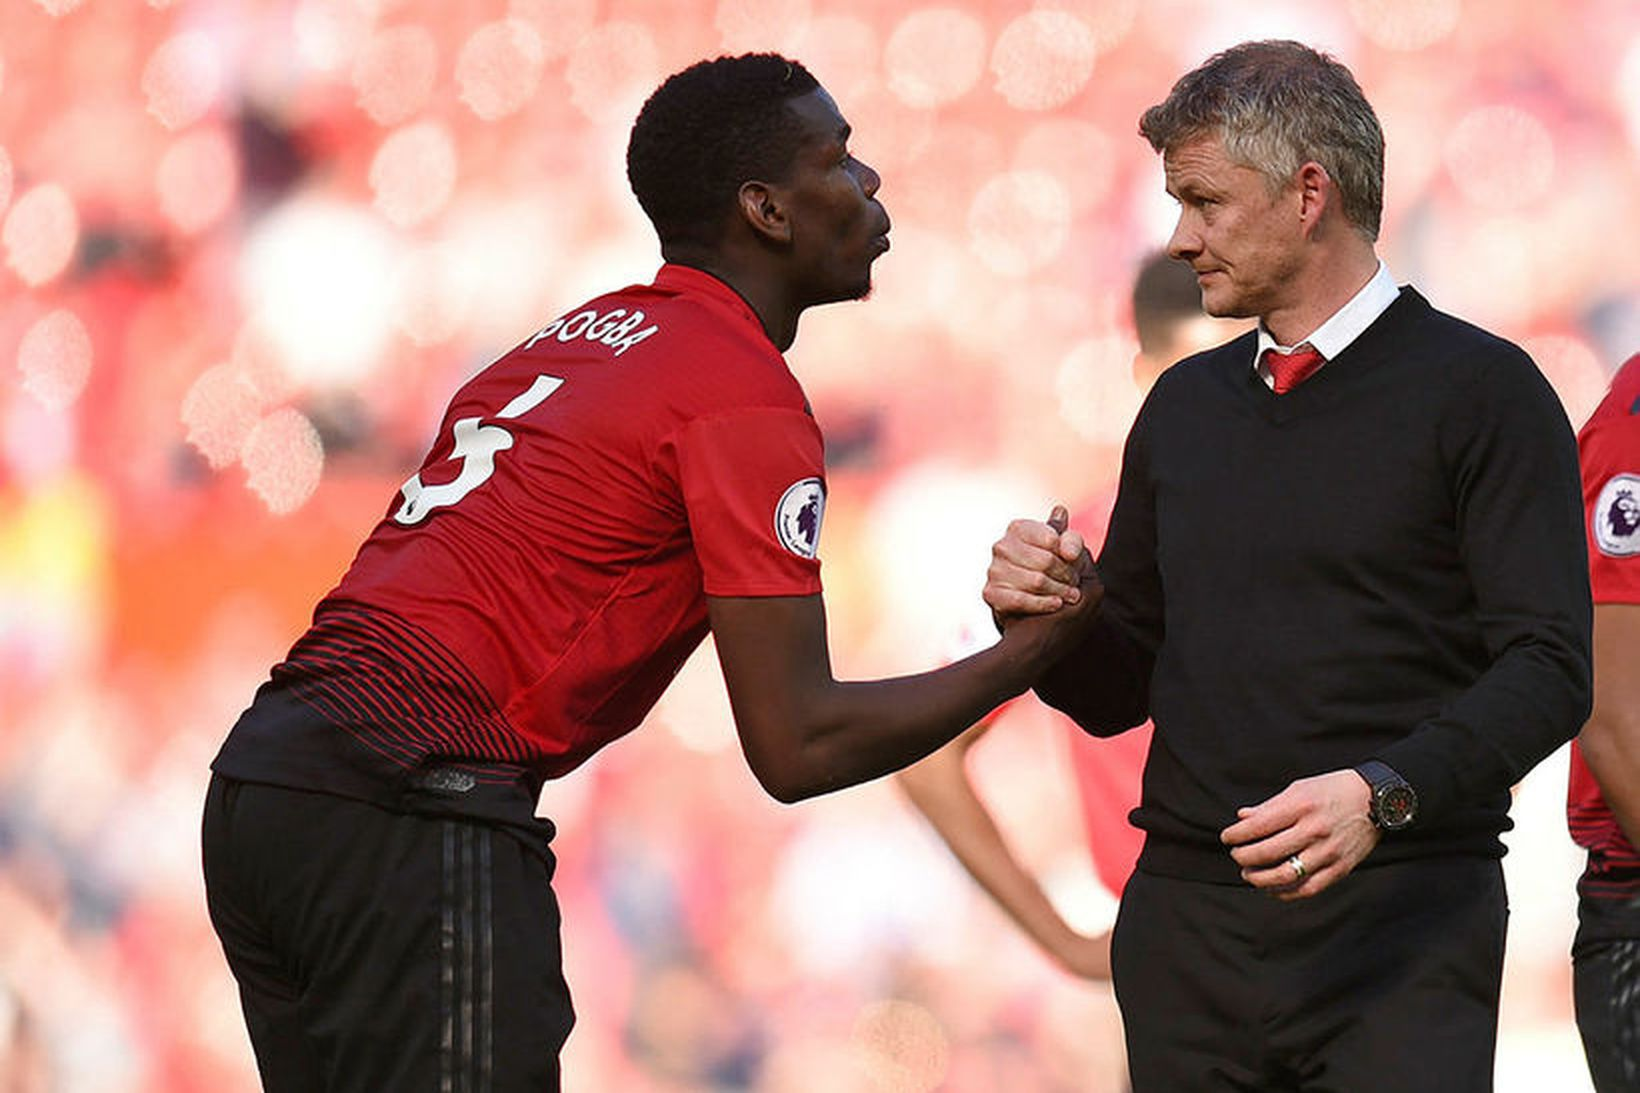 Manchester United hefur lítið að gera við leikmenn sem hafa …